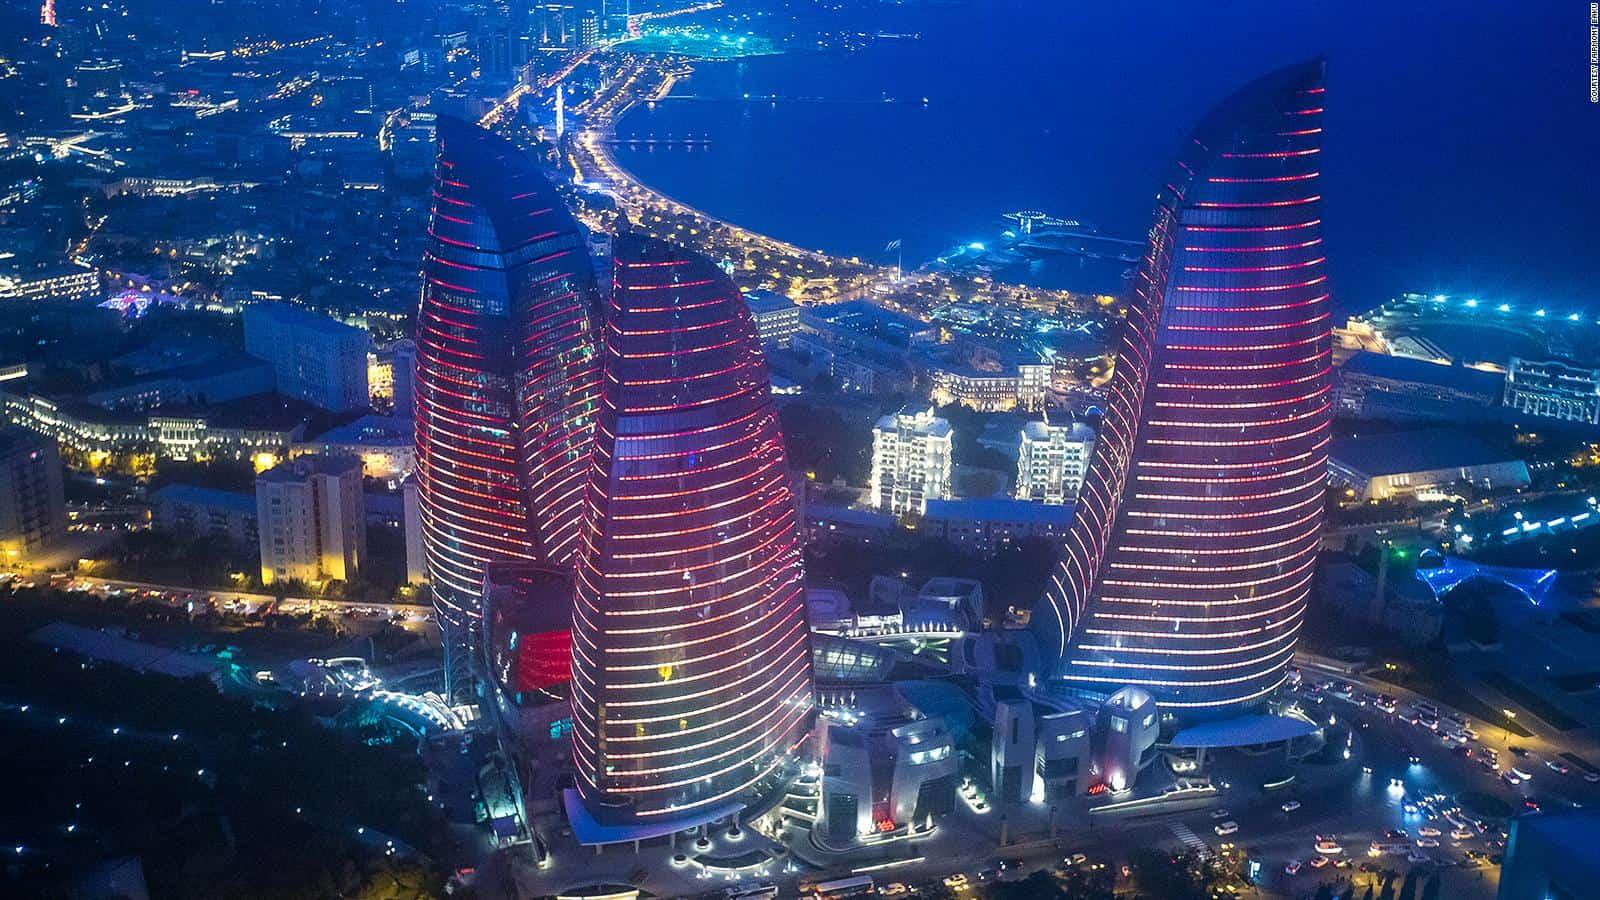 افضل 4 من فنادق باكو على البحر ننصحك بها 2020